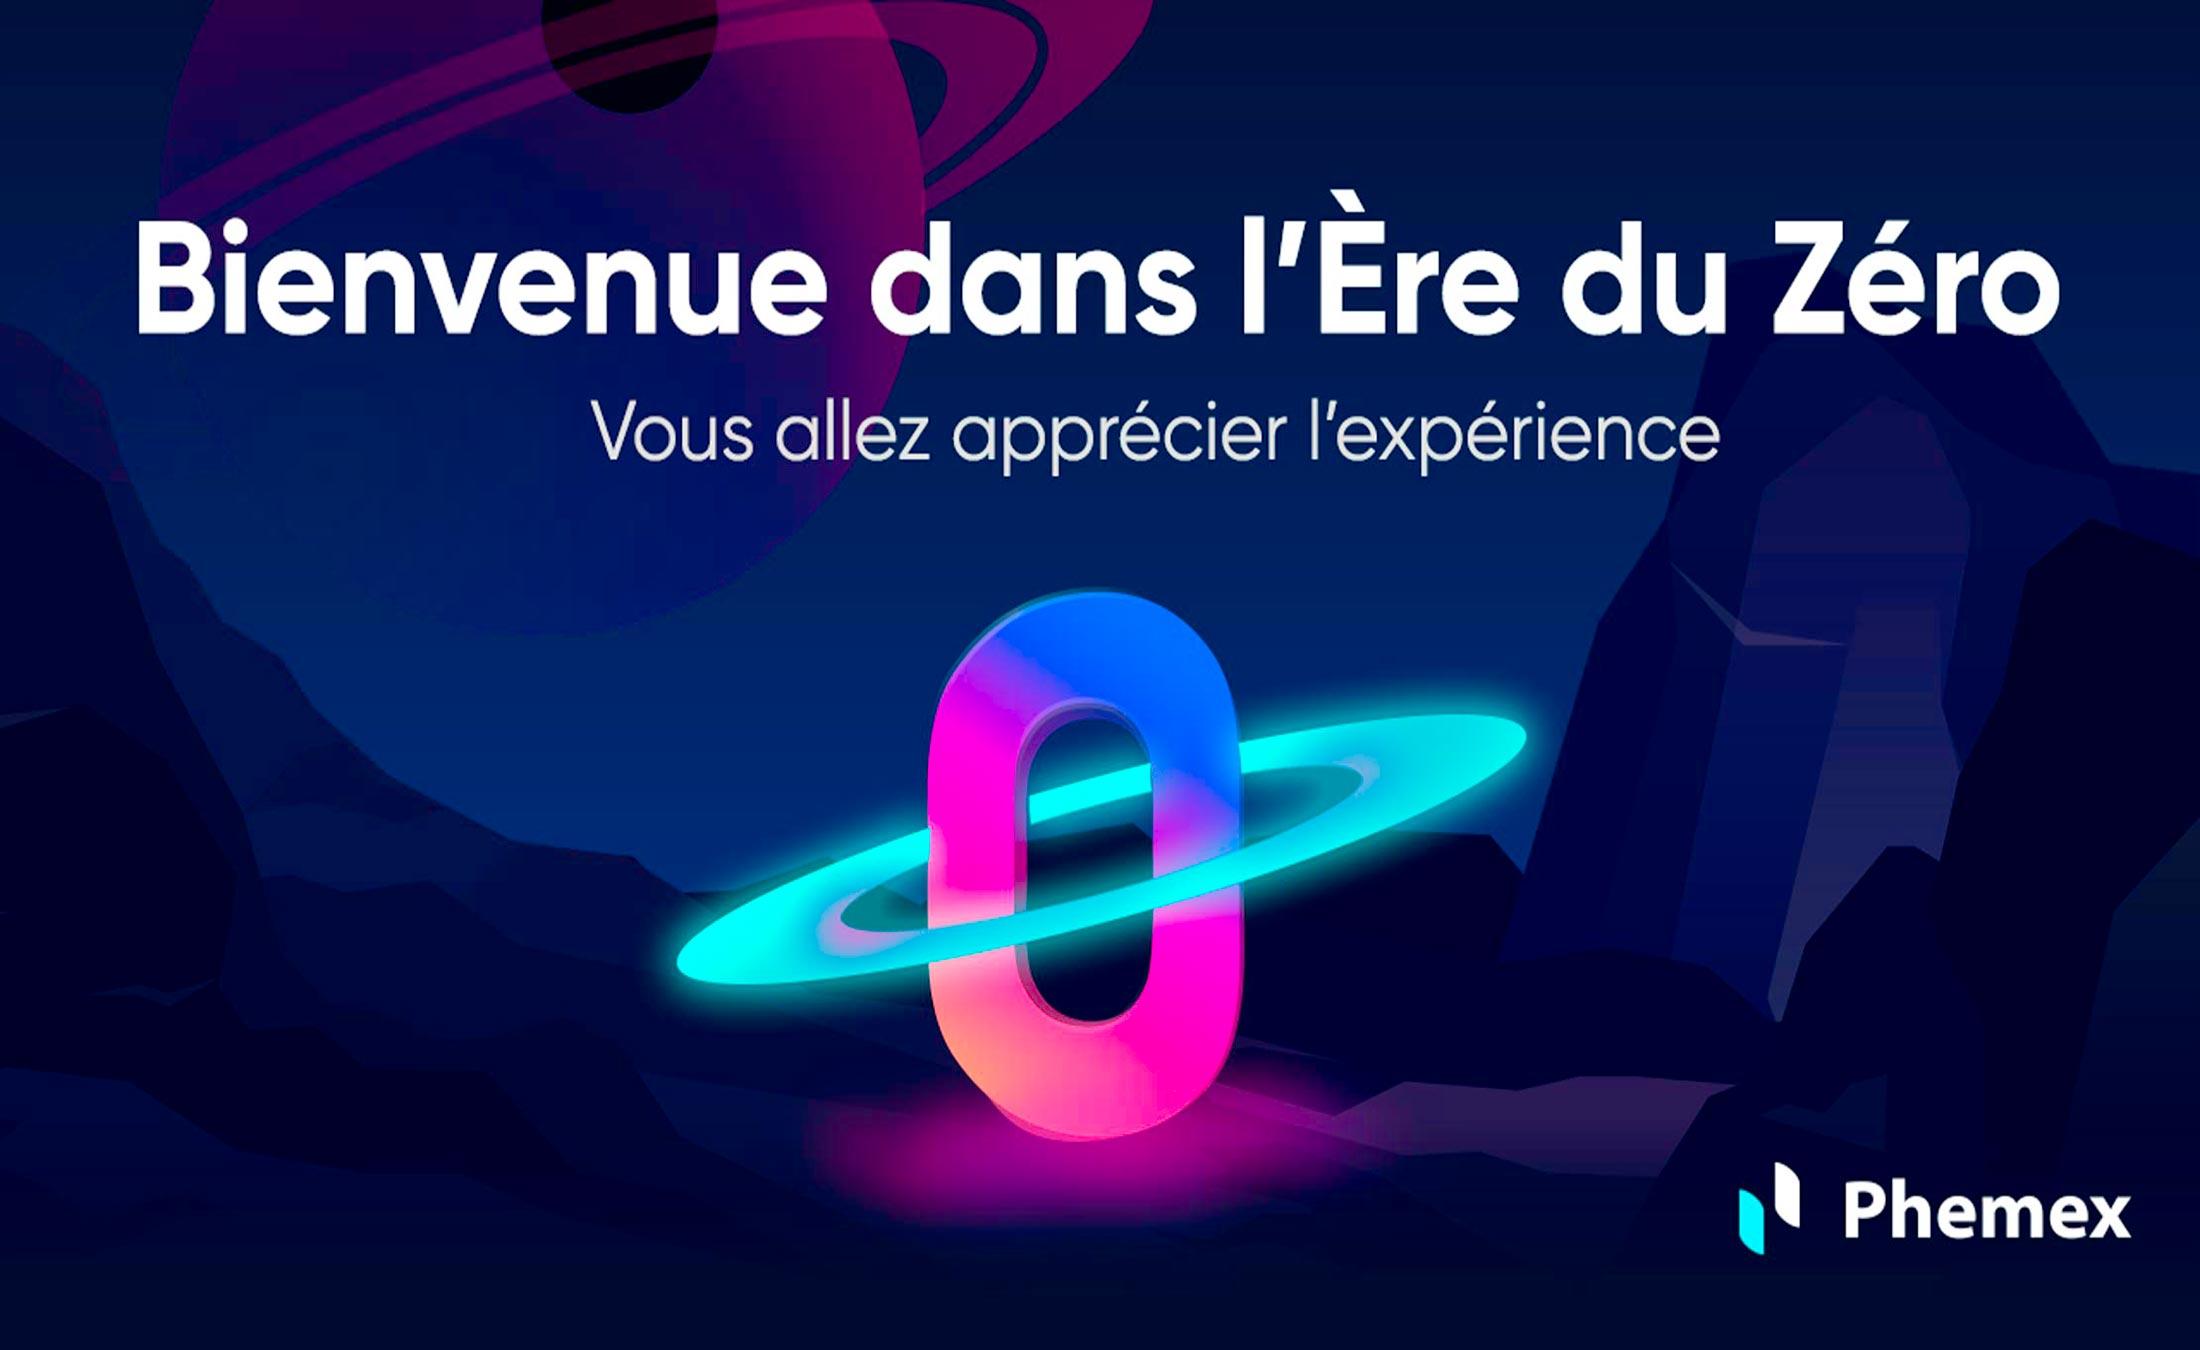 PHEMEX-la-plateforme-de-spot-trading-sans-frais